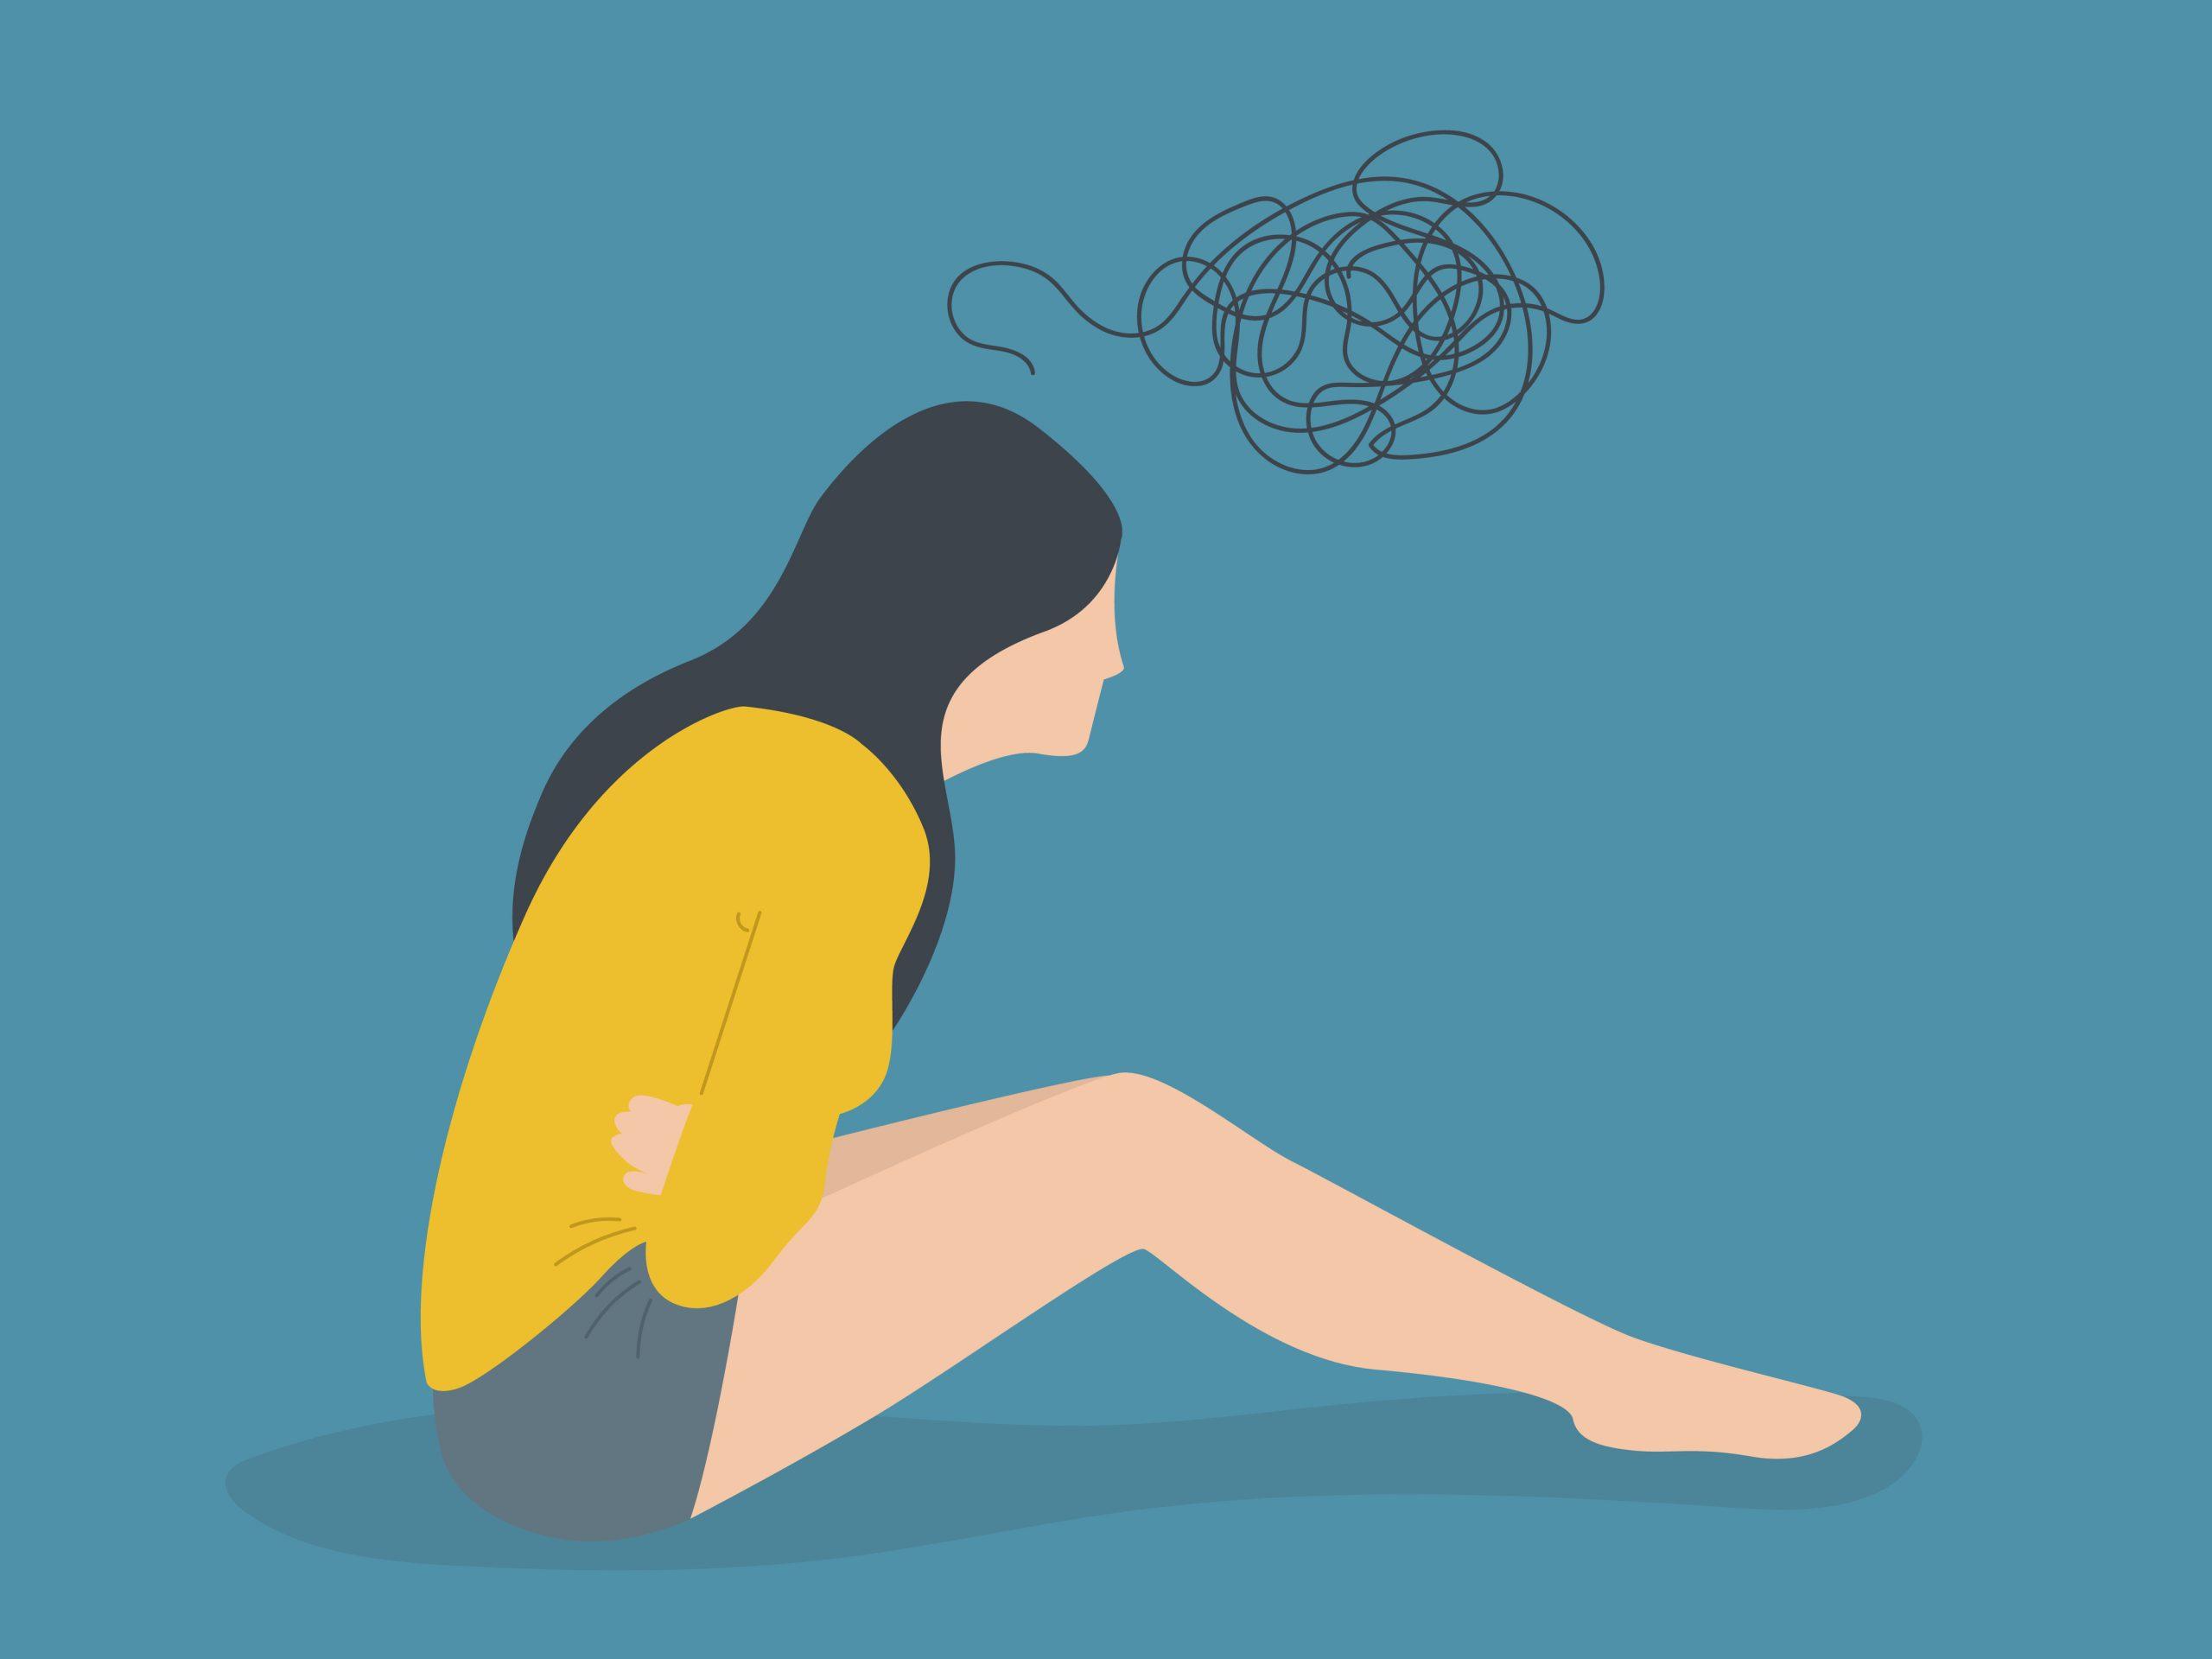 În unele situații, când durerea e însoțită de simptome grave, poate fi necesar un consult la camera de gardă.